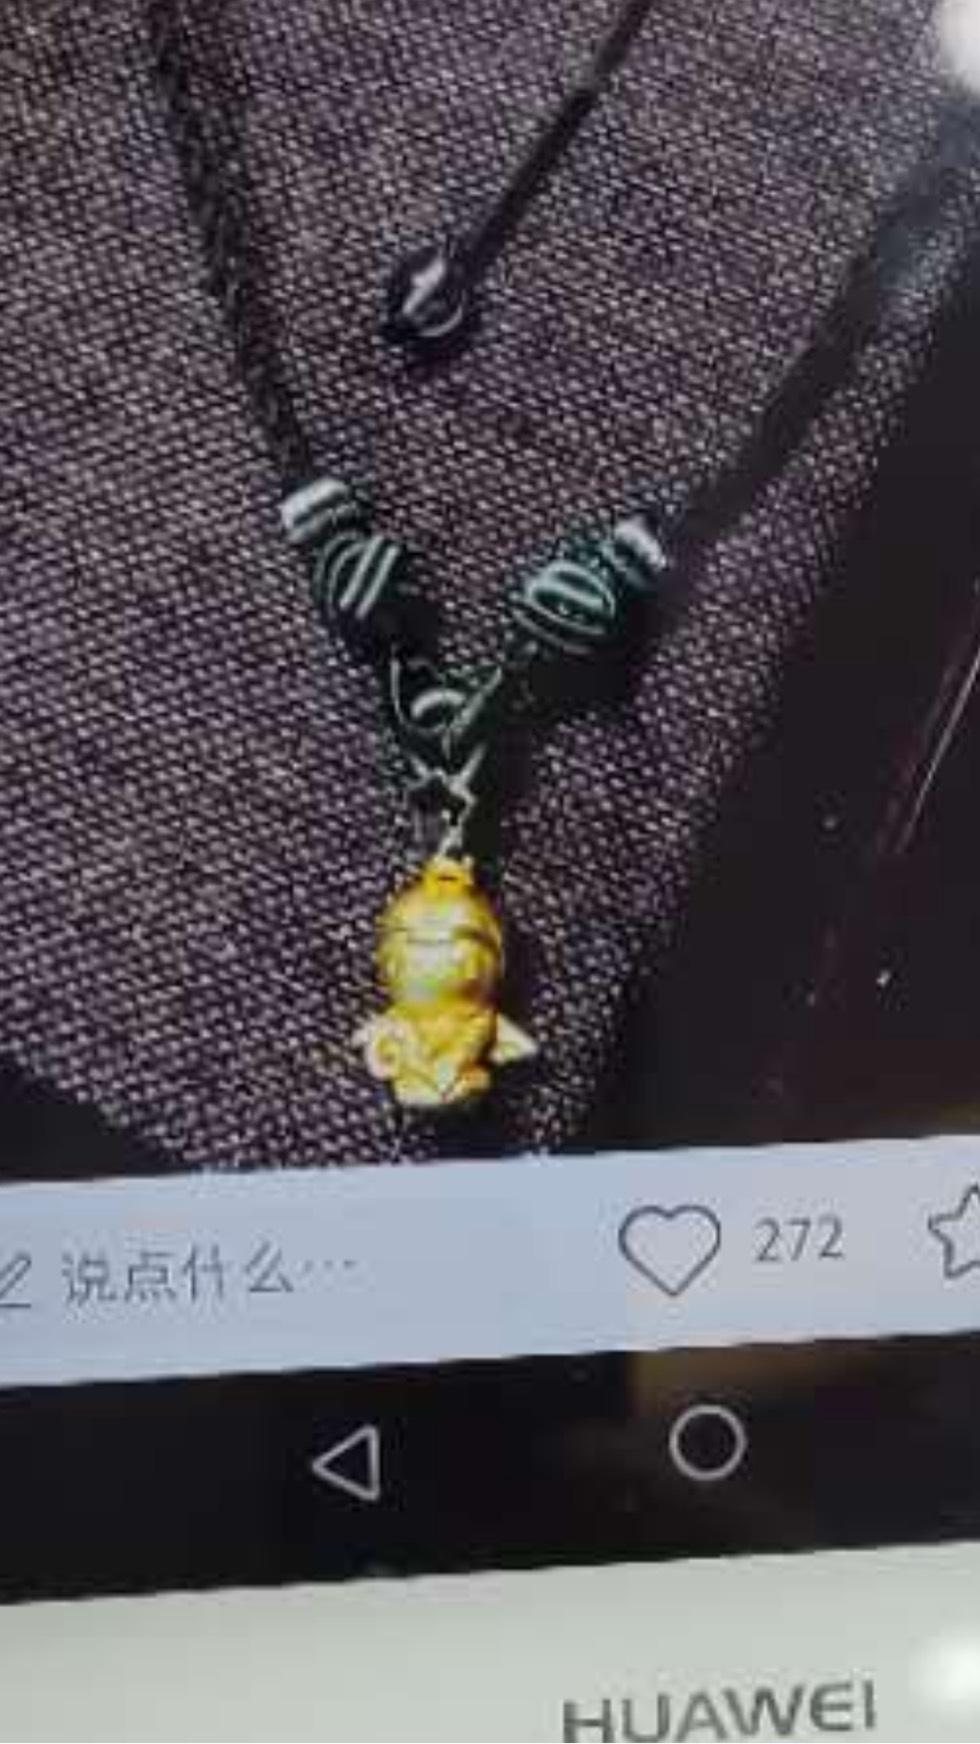 中国结论坛 求助这是什么结 结的意思是什么,耳结是什么,收尾结,丁香结的结是什么意思,归结 作品展示 225412znct7bfn2fg3lsmb